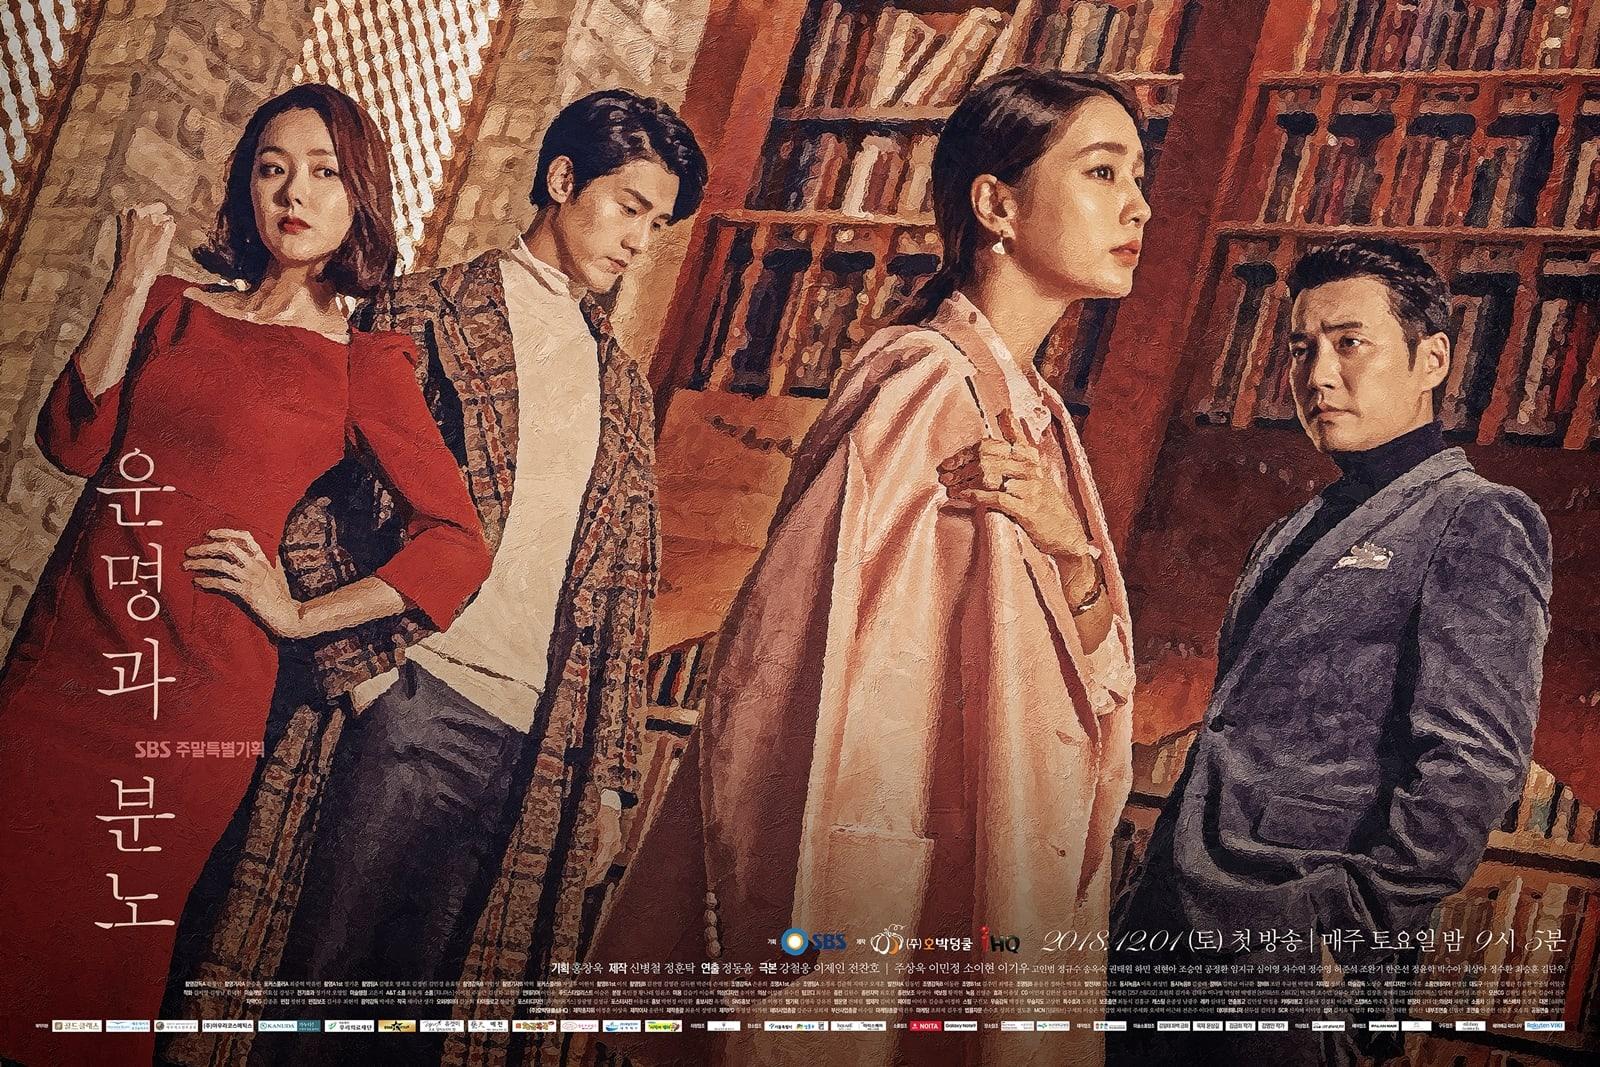 سریال کره ای زیبایسرنوشت ها و خشم ها